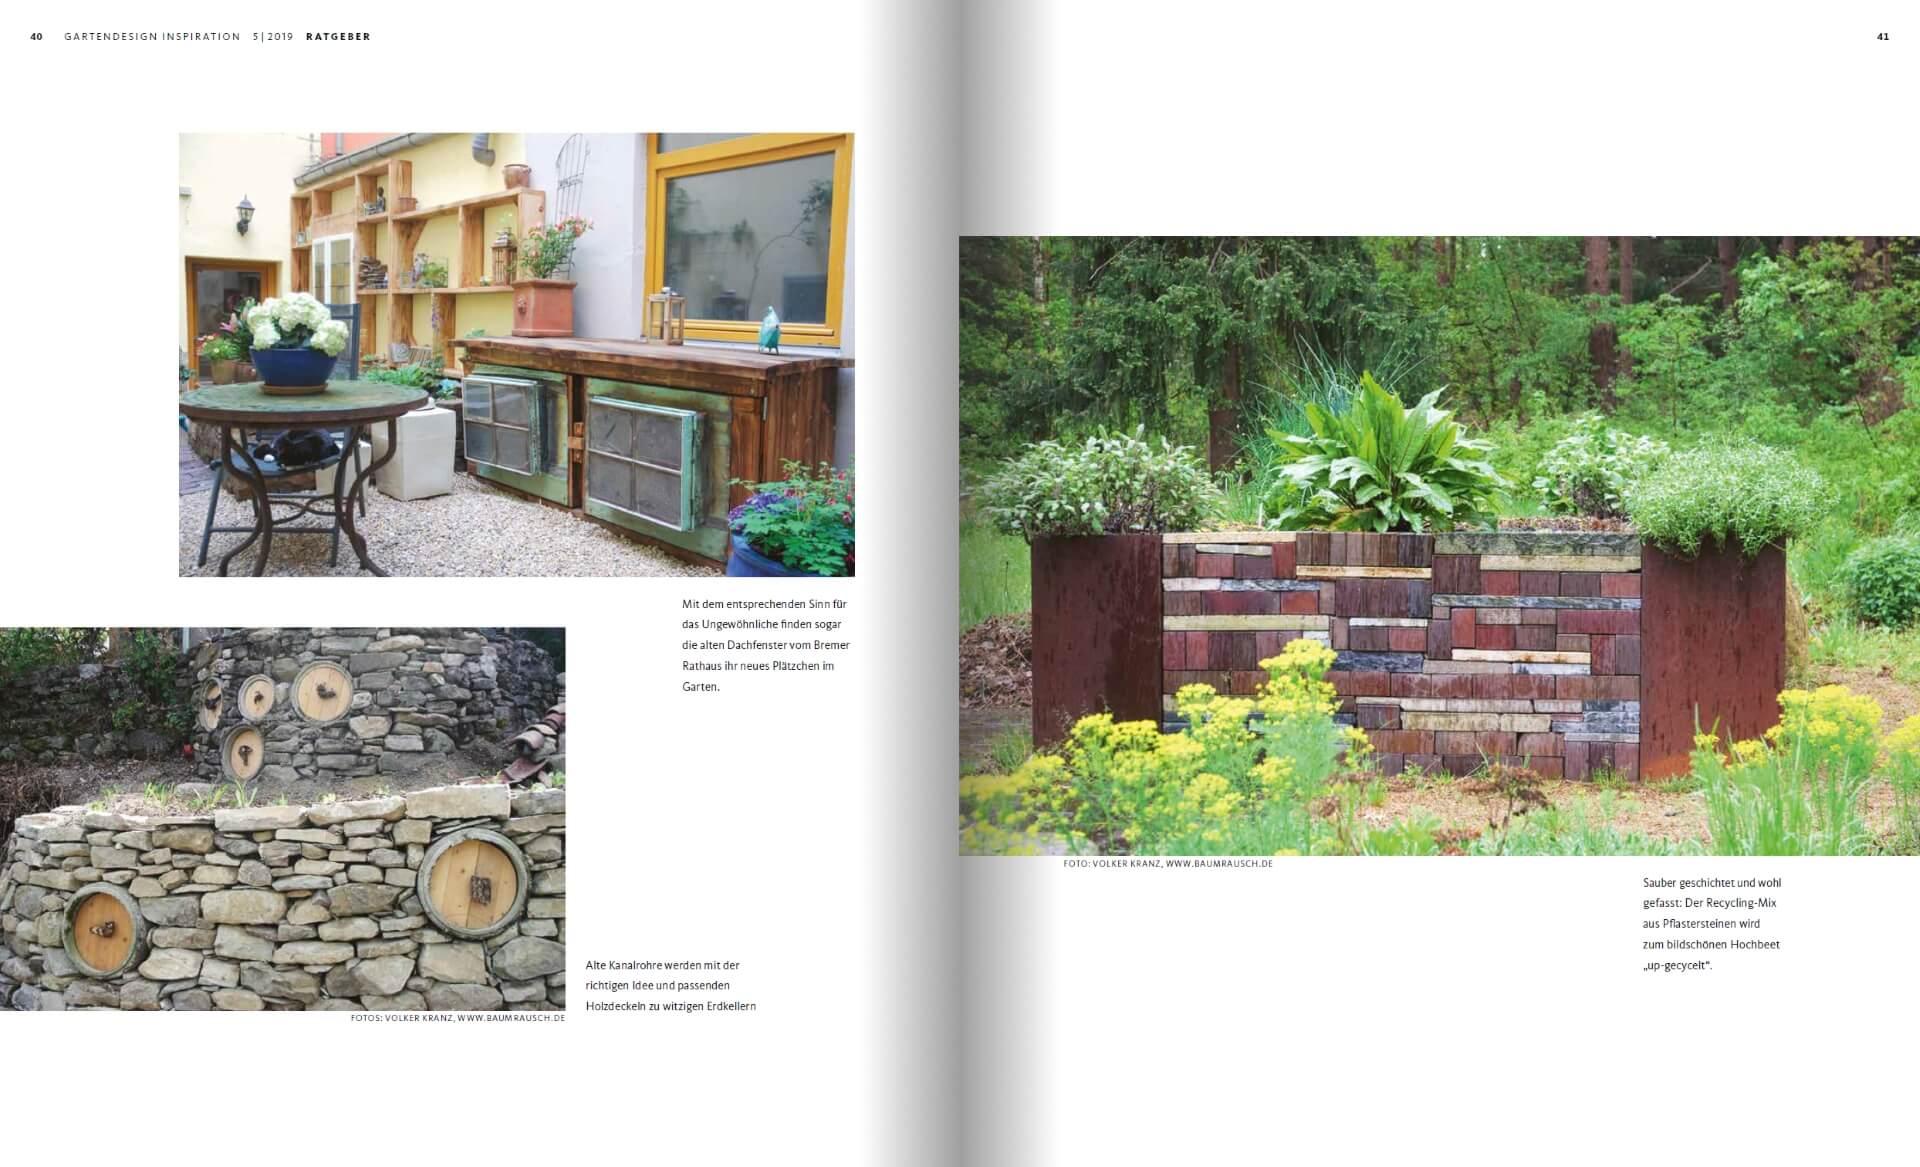 GARTENDESIGN INSPIRATION Ausgabe 5/2019: Upcycling Recycling Garten